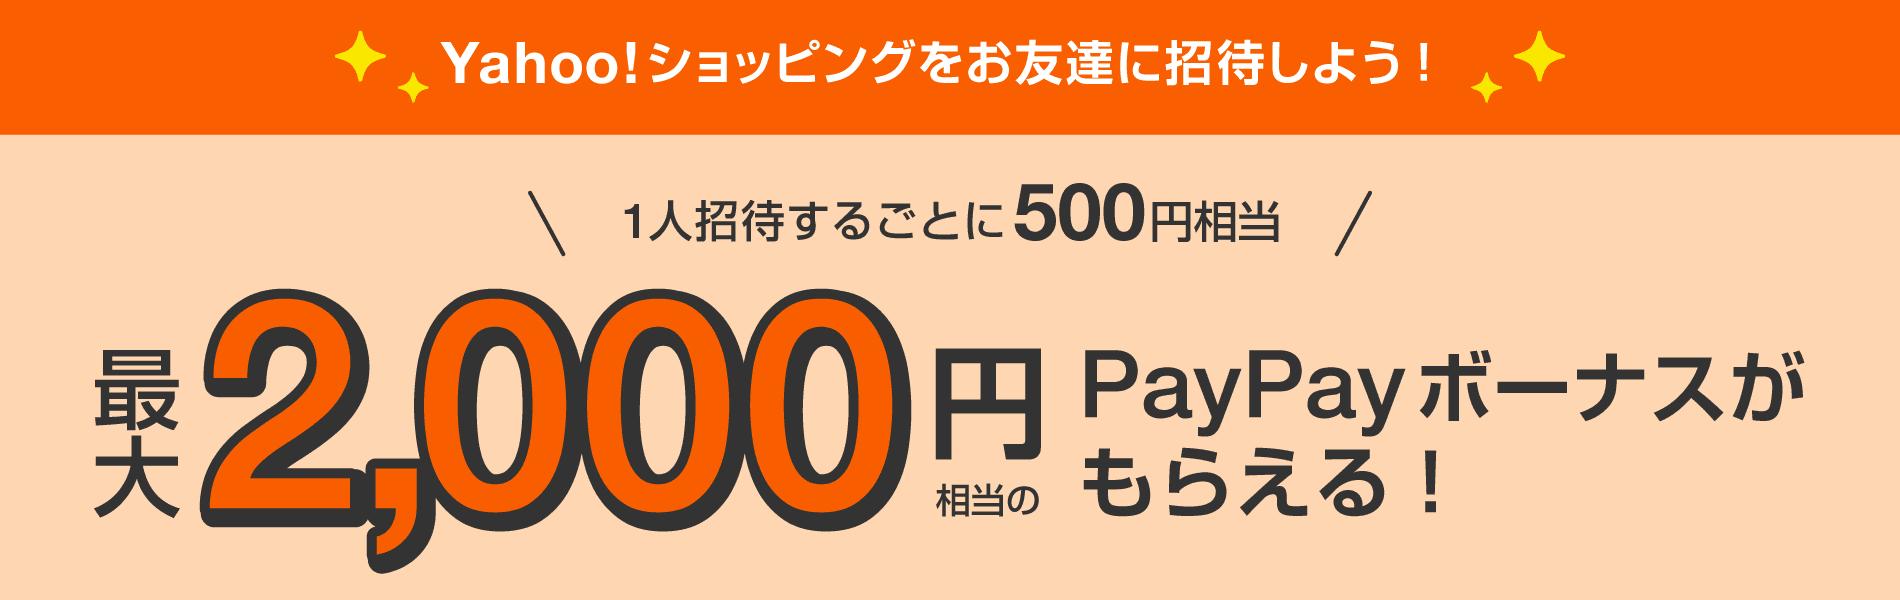 Yahoo!ショッピングで先着1万名限定、友達招待で1人500円PayPay、最大2000円分が貰える。紹介された側は1000円ぐらいの商品が貰える。~9/29。